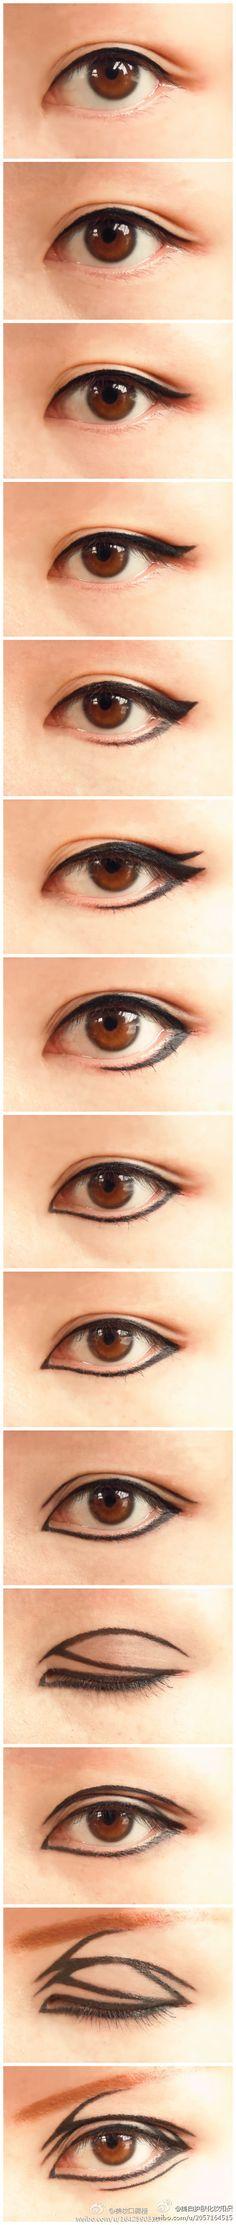 【眼线画法大全】不同眼线的区分和画法 眼线的总汇合集 可用于日常 party 秀场!